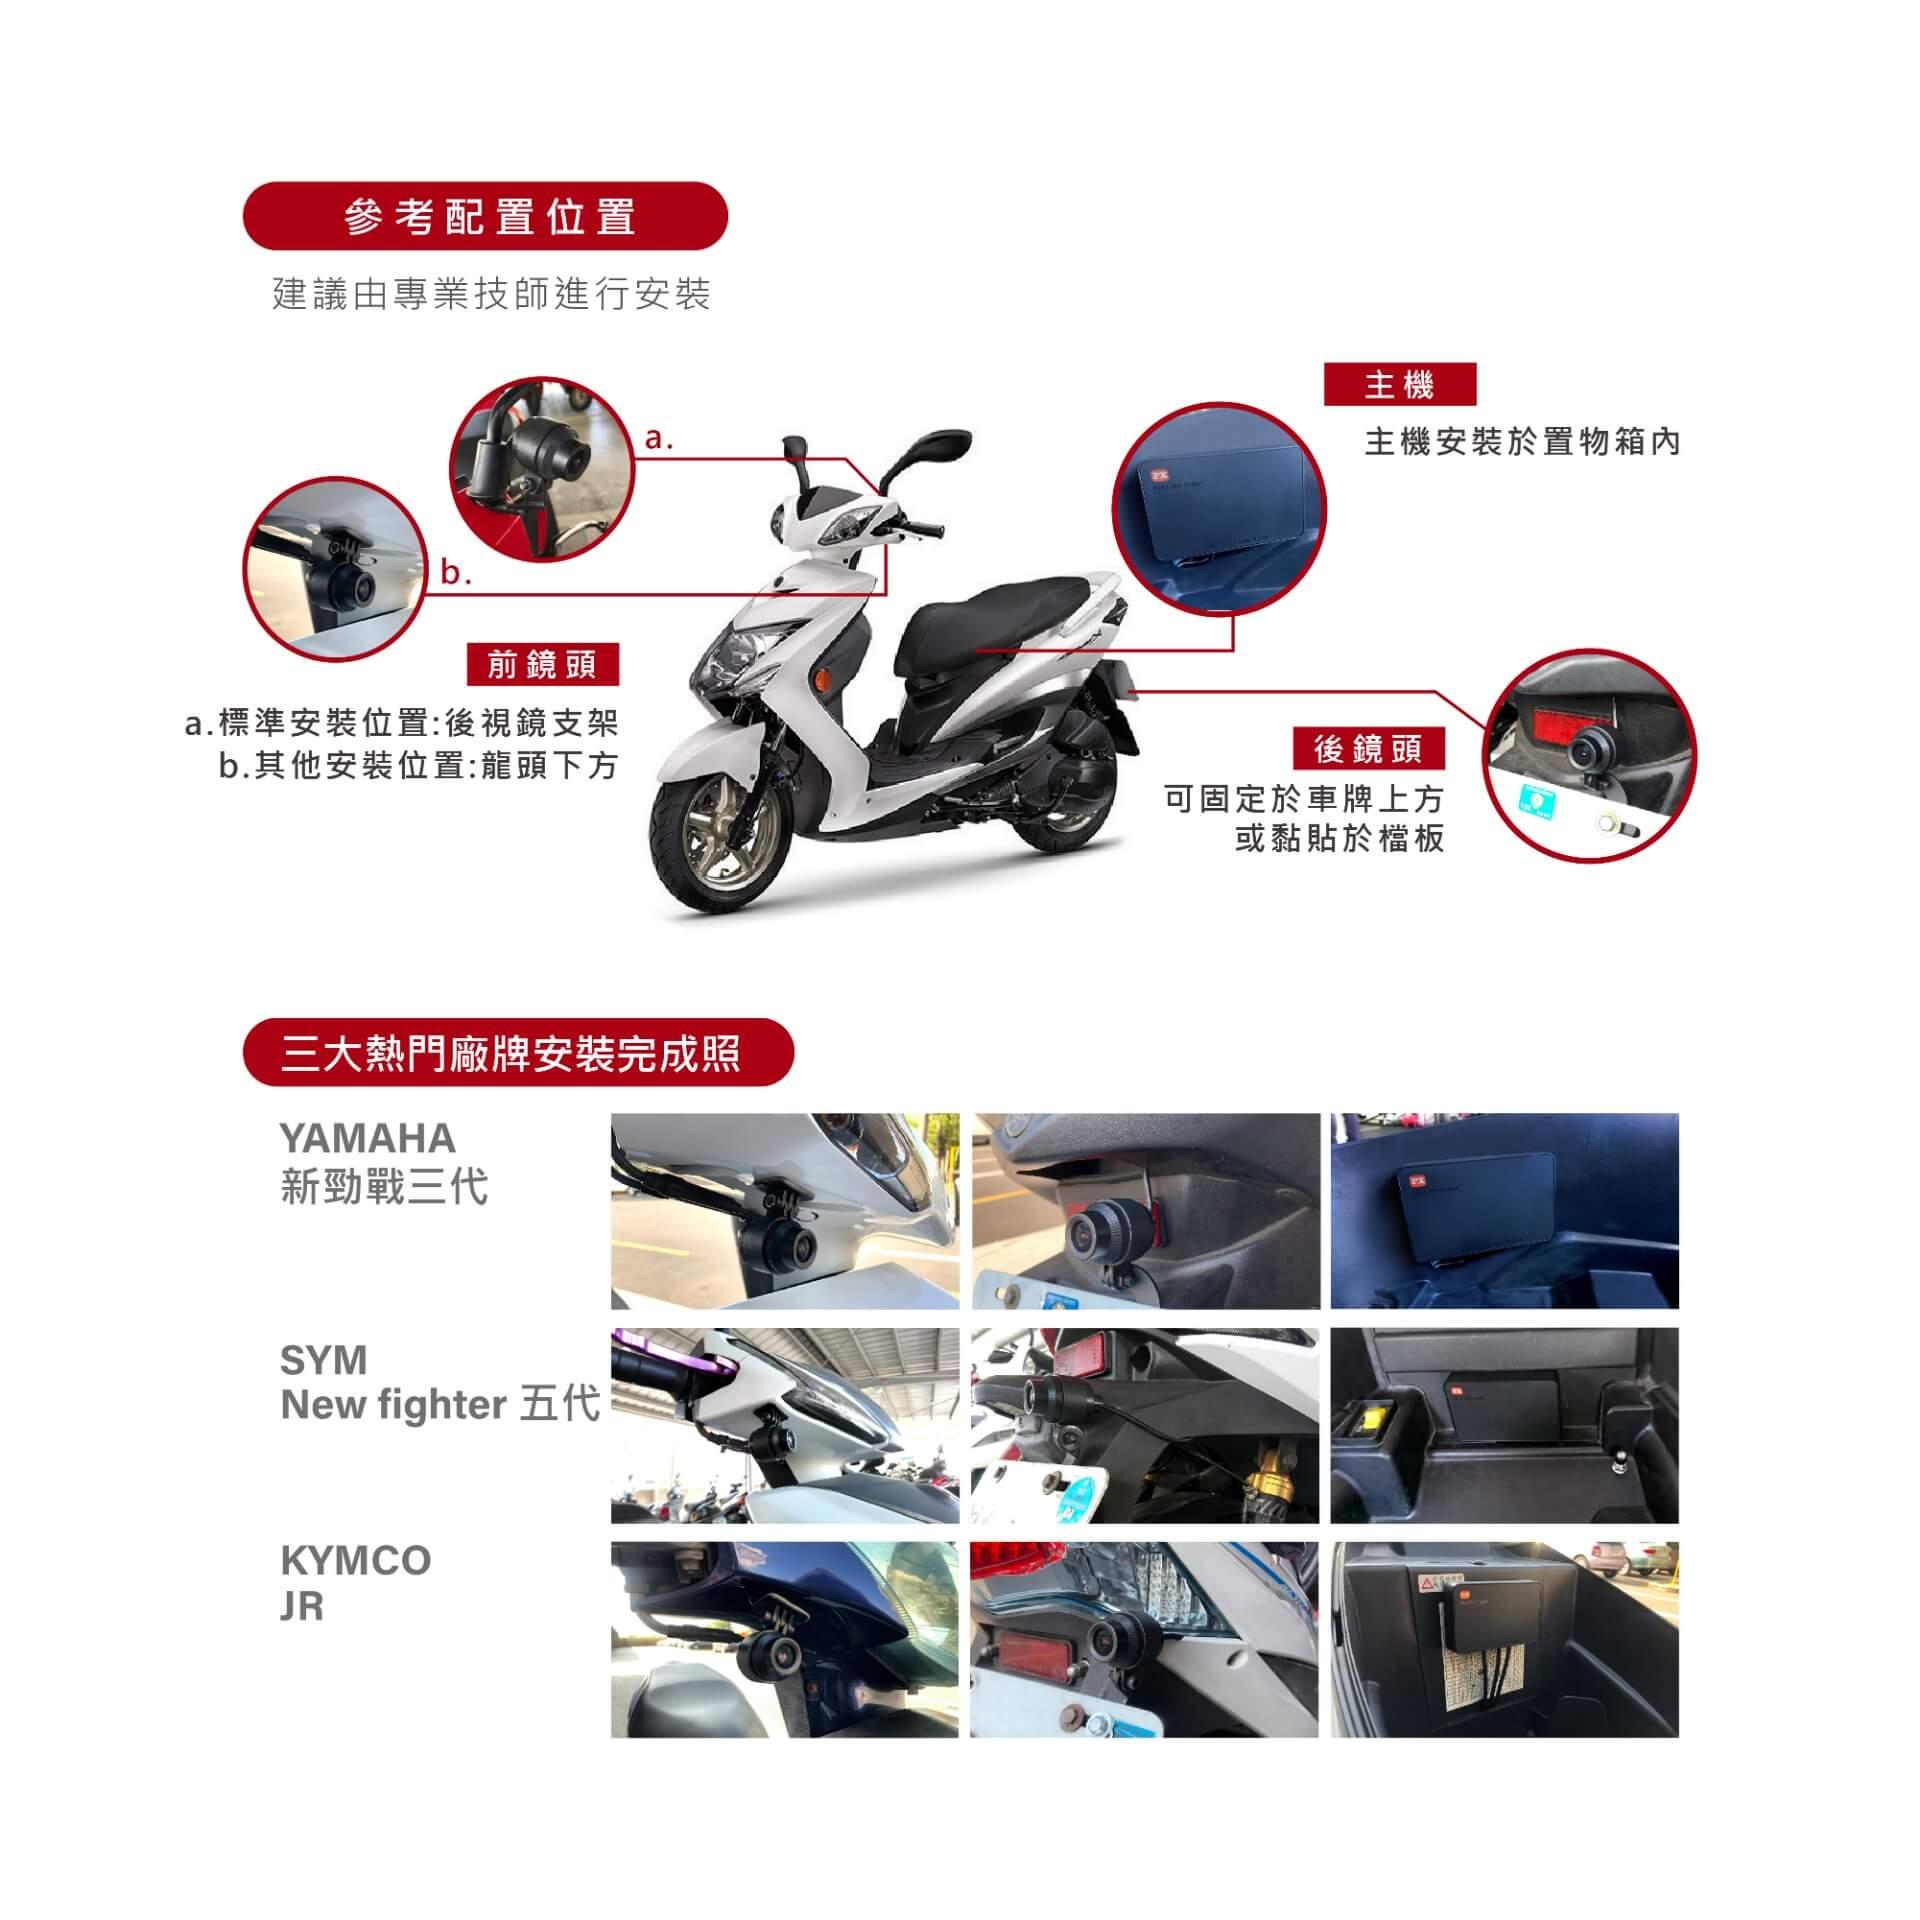 proimages/product/Bike_Cam/PX-GX/PX-GX-step-03_resized.jpg